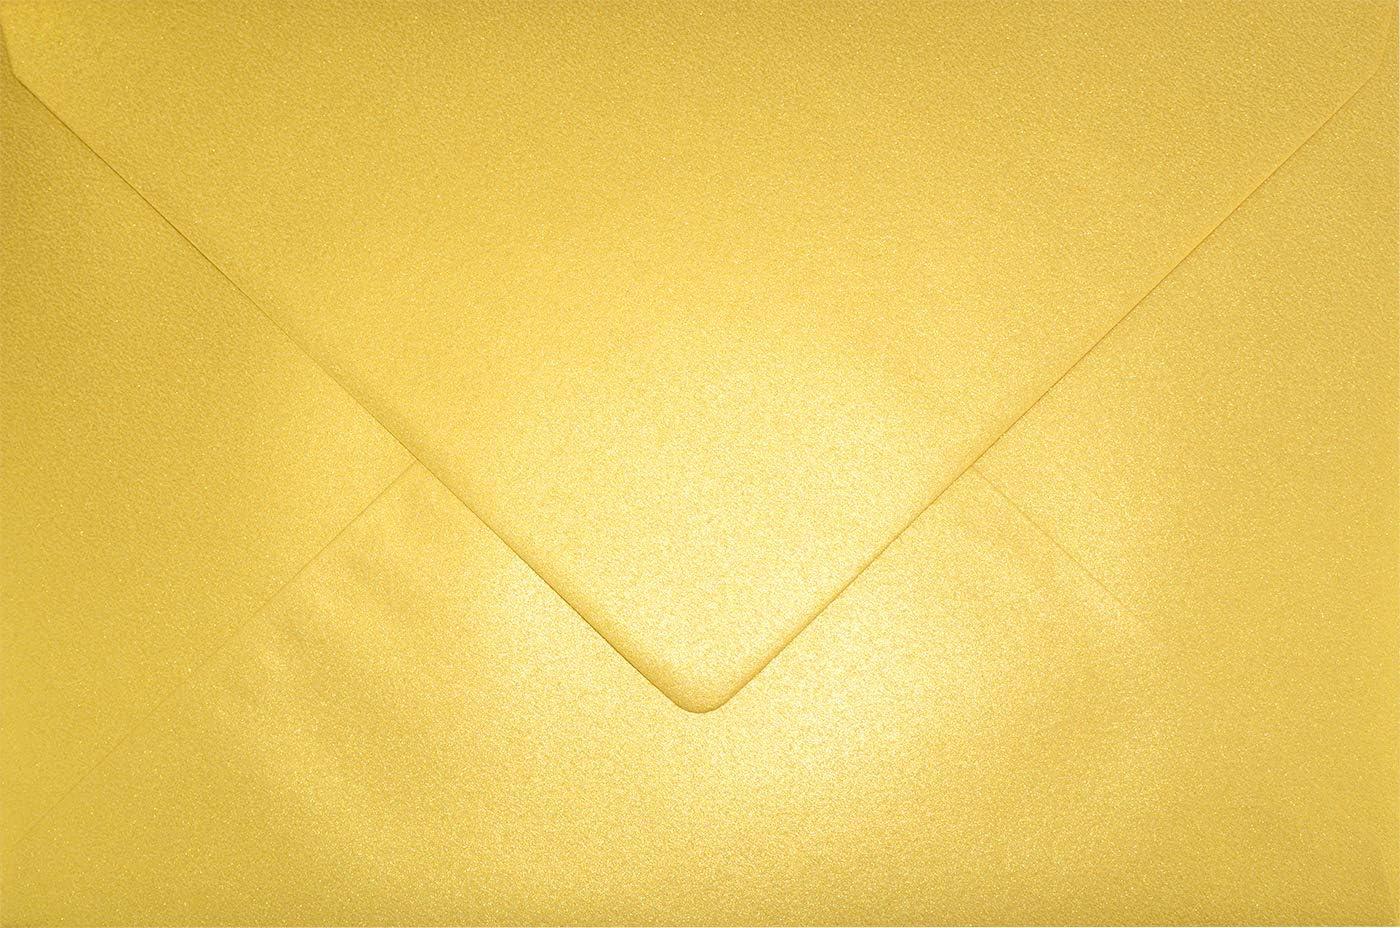 Nassklebung 10x DIN C5 Kuverts 15,7 x 22,5 cm in Altrosa Blanko Brief-Umschl/äge Rosa mit goldenem Seidenfutter Marke: Gustav NEUSER/® Post-Umschl/äge ohne Fenster im C5 Format